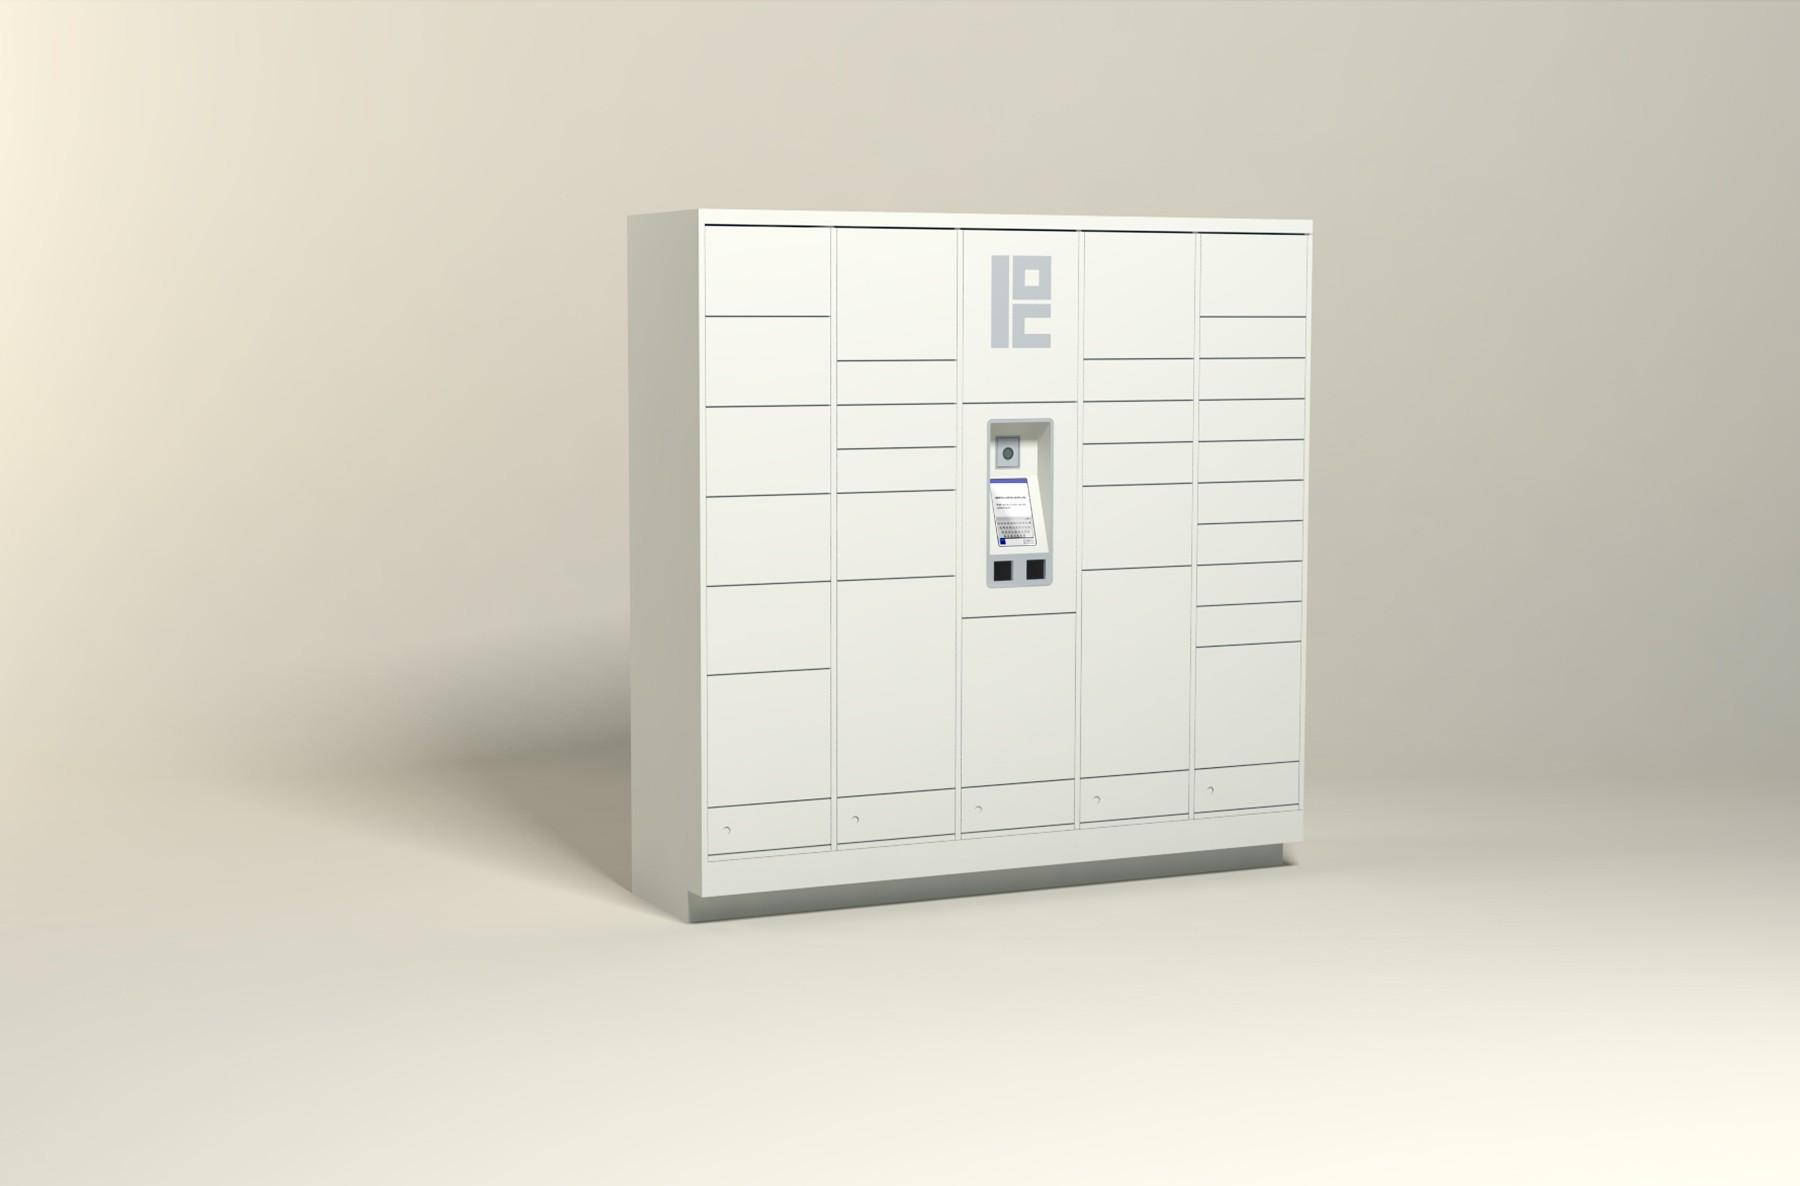 75 Unit - 26 Total Openings - Steel Smart Locker